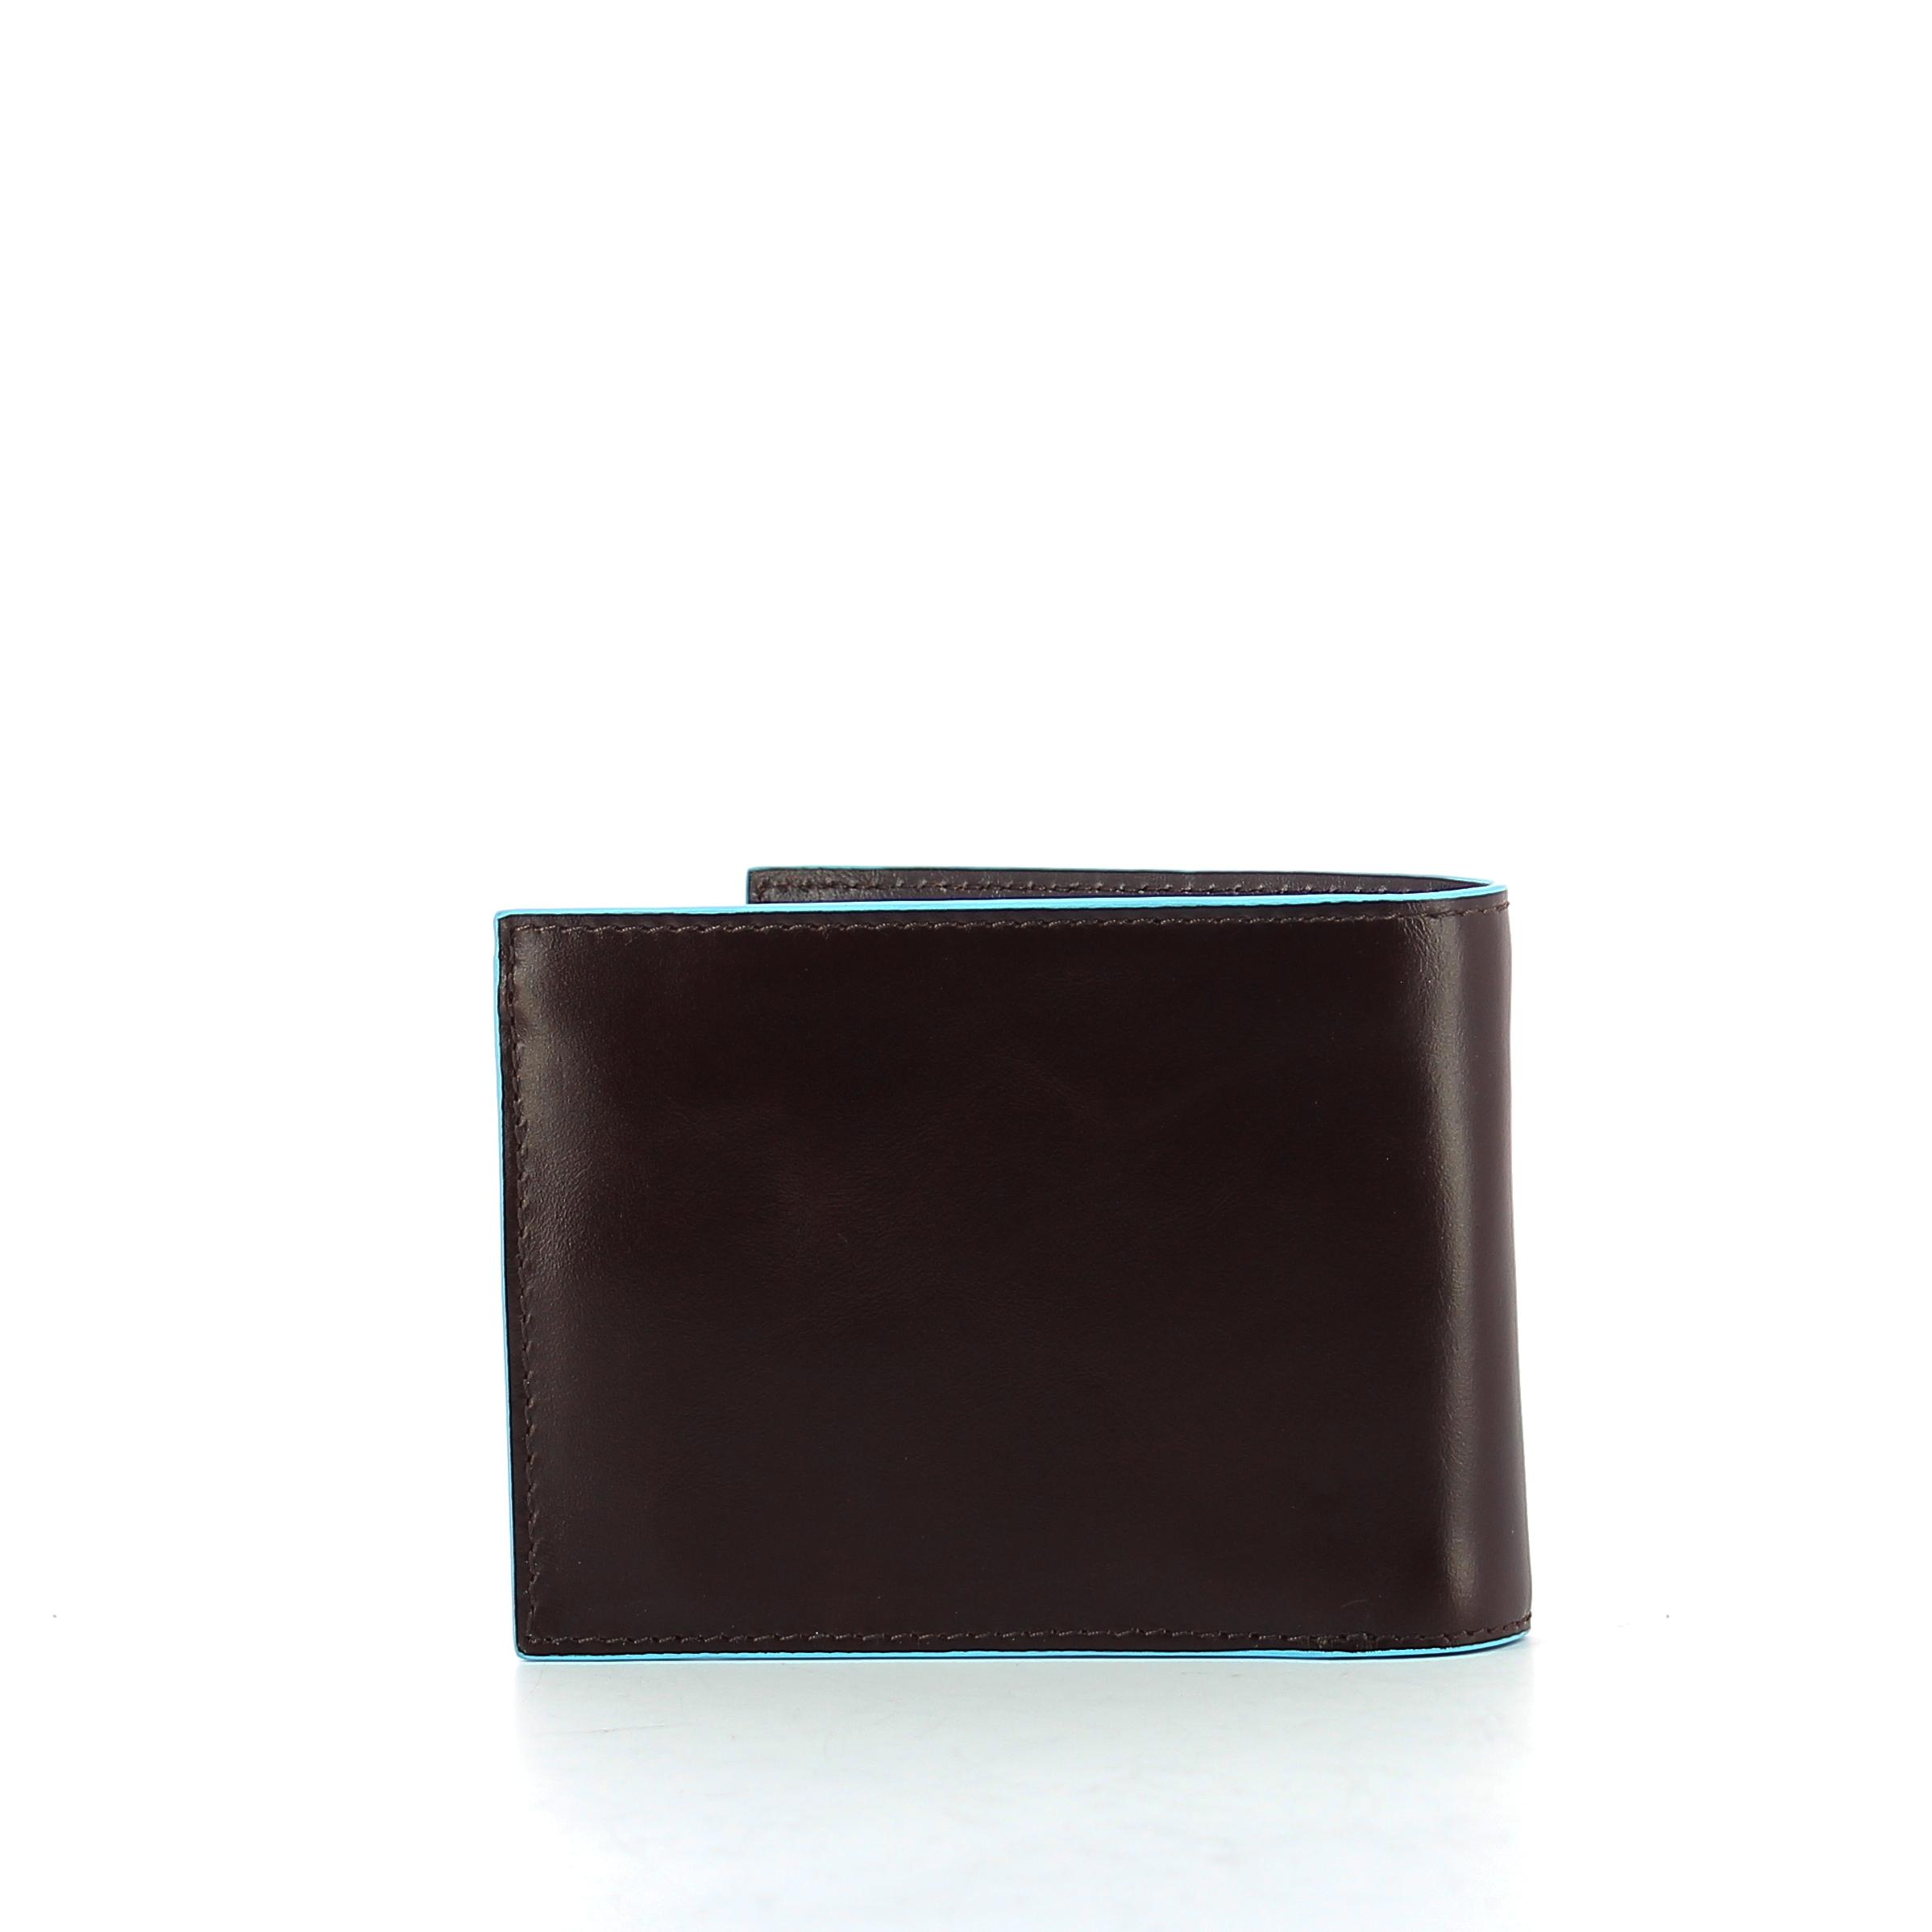 Portafoglio con portamonete Blue Square Piquadro MOGANO 2 2 di 4 ... c09b0884712